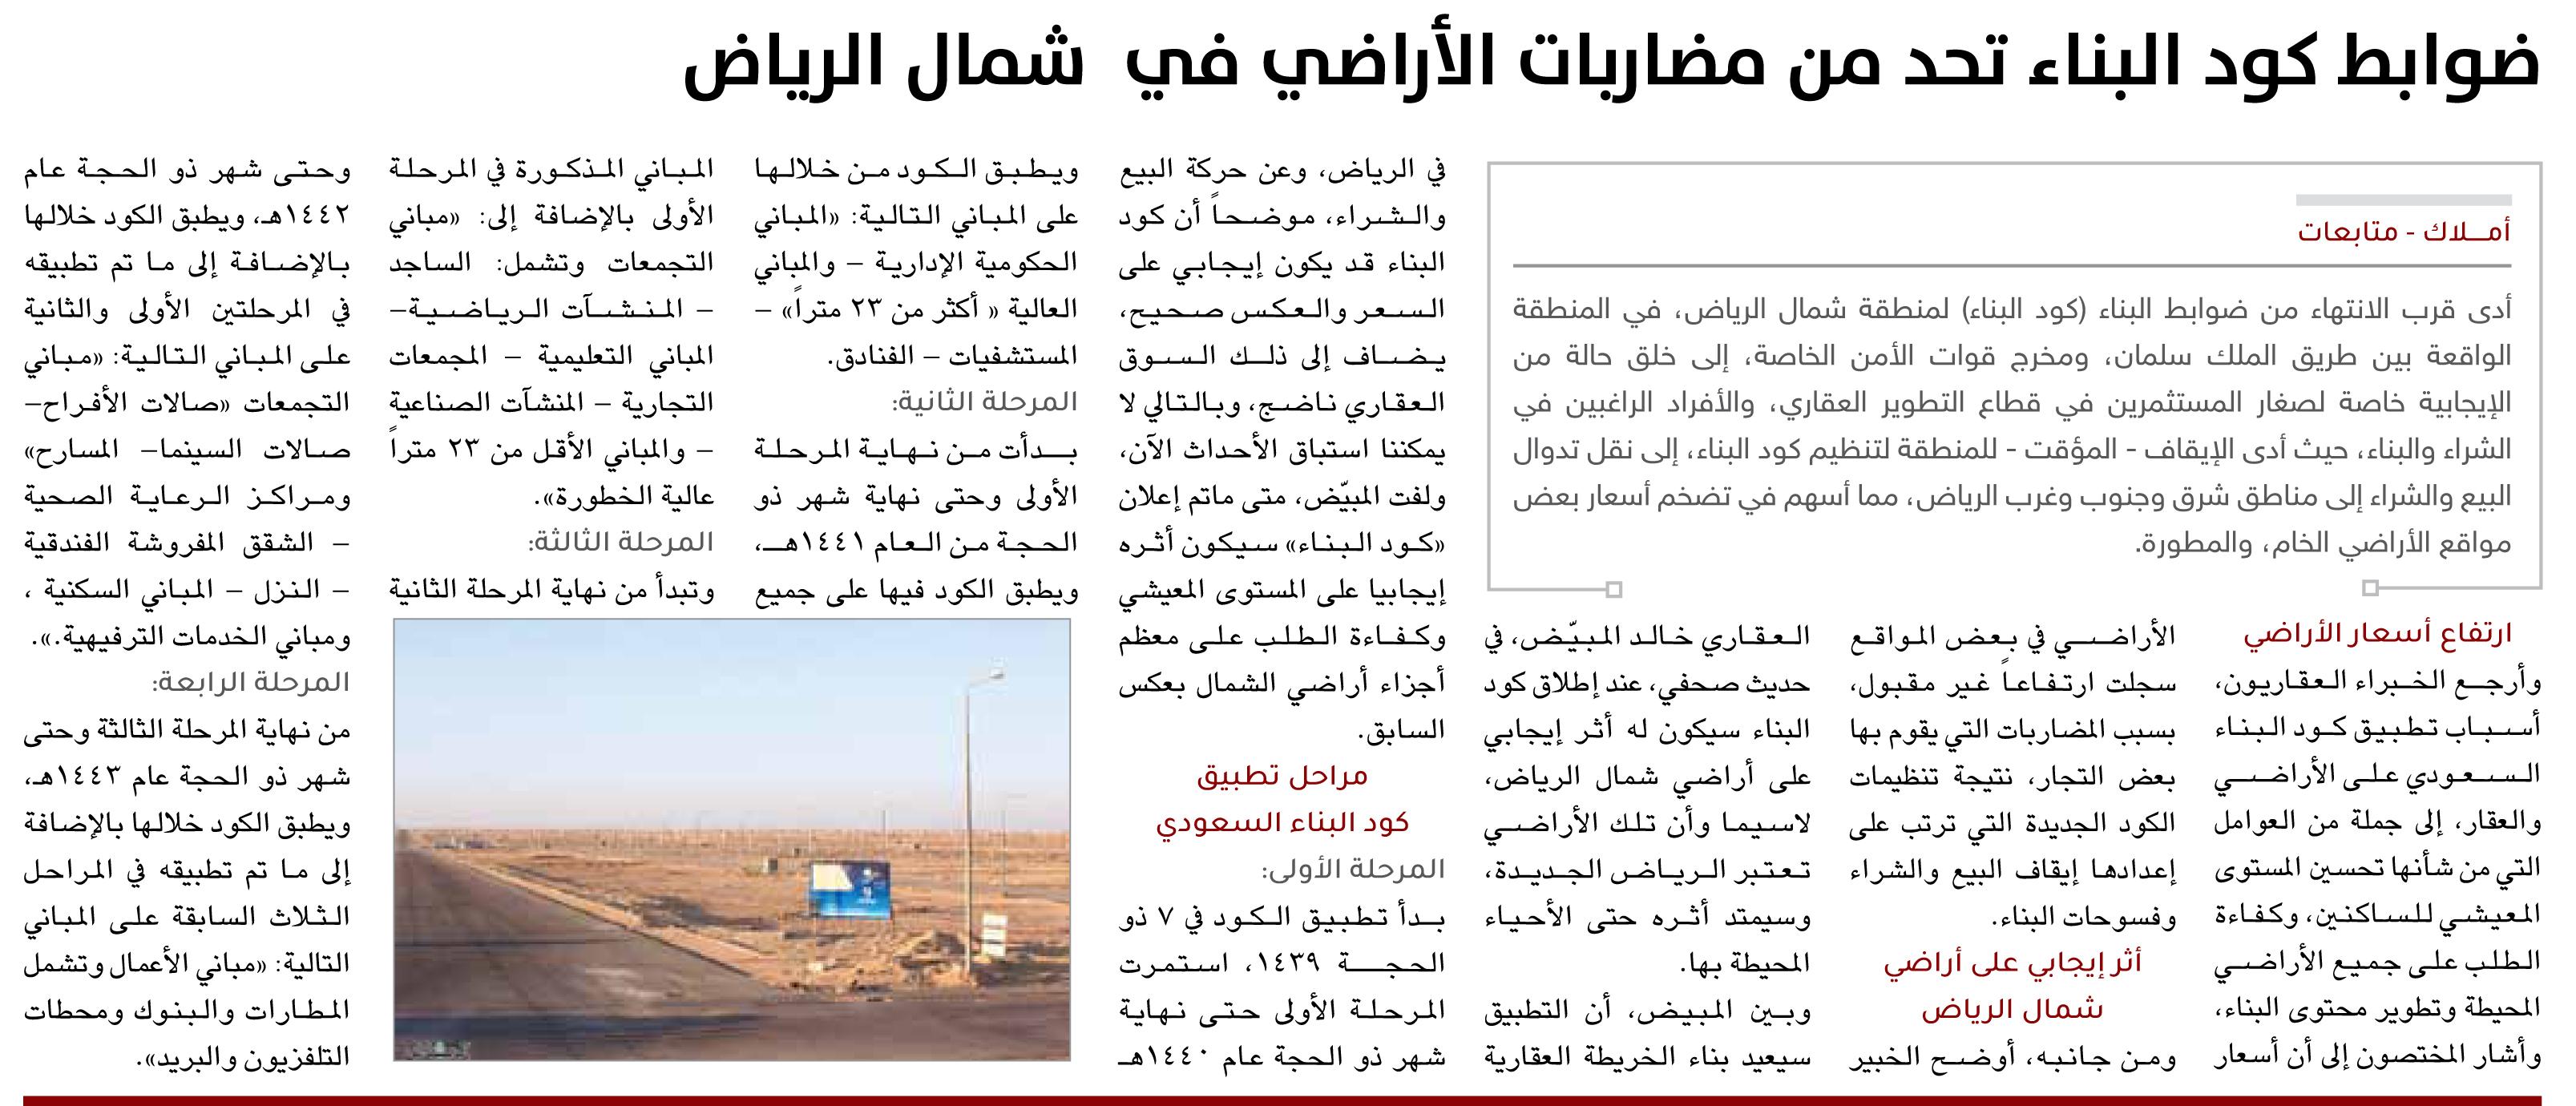 ضوابط كود البناء السعودي